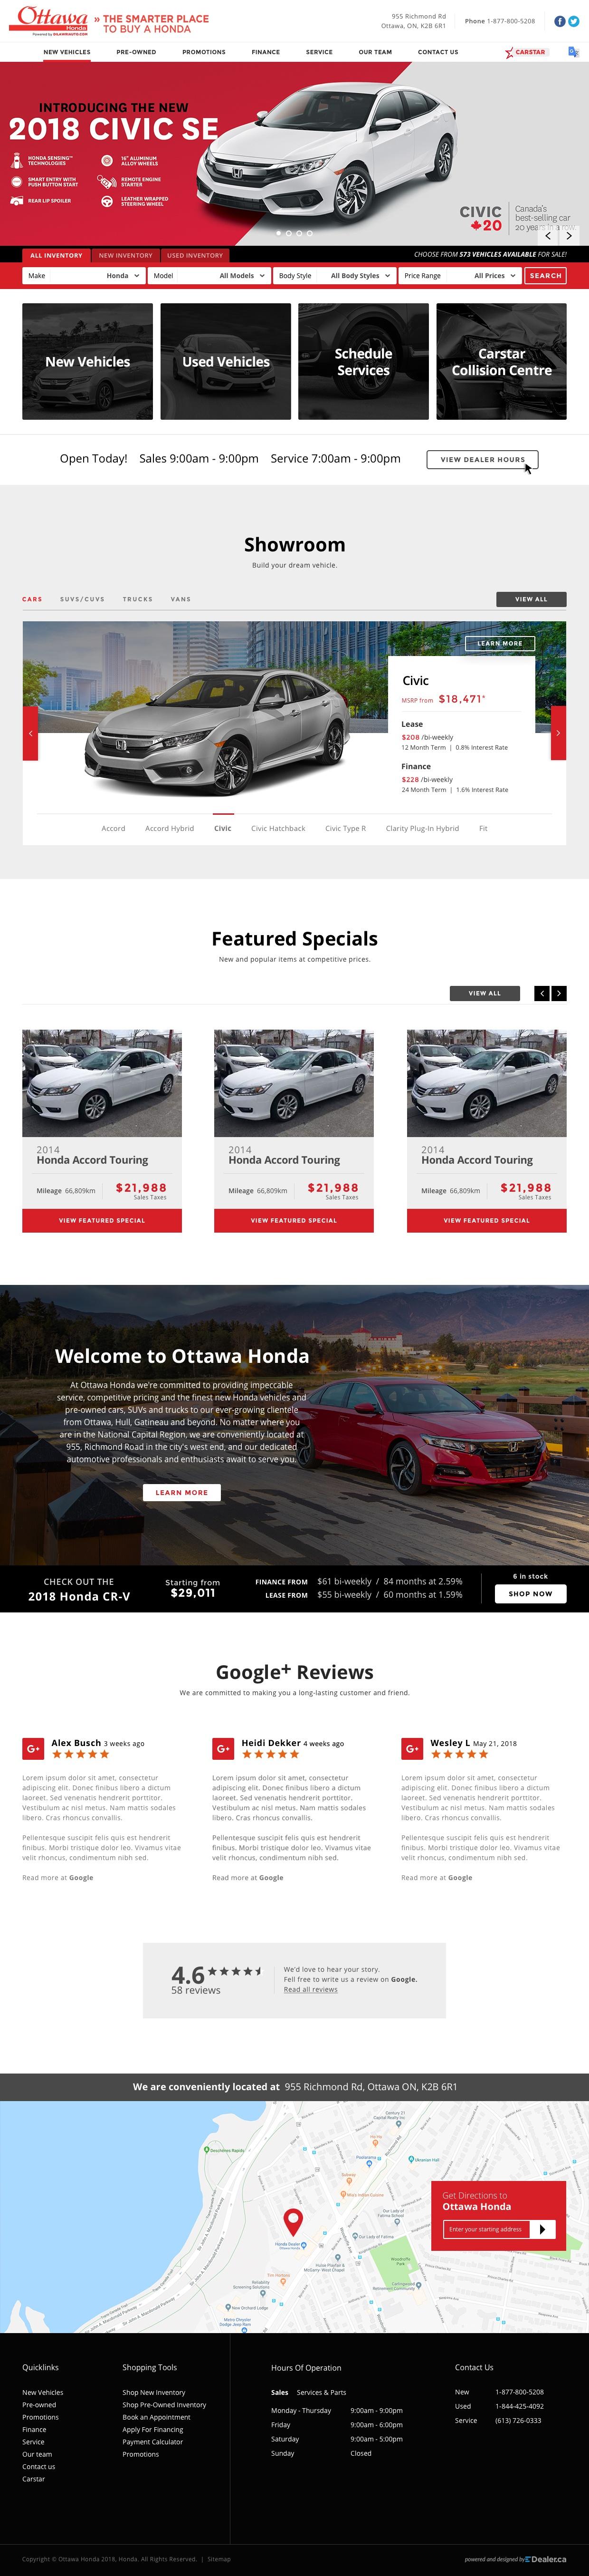 Ottawa Honda